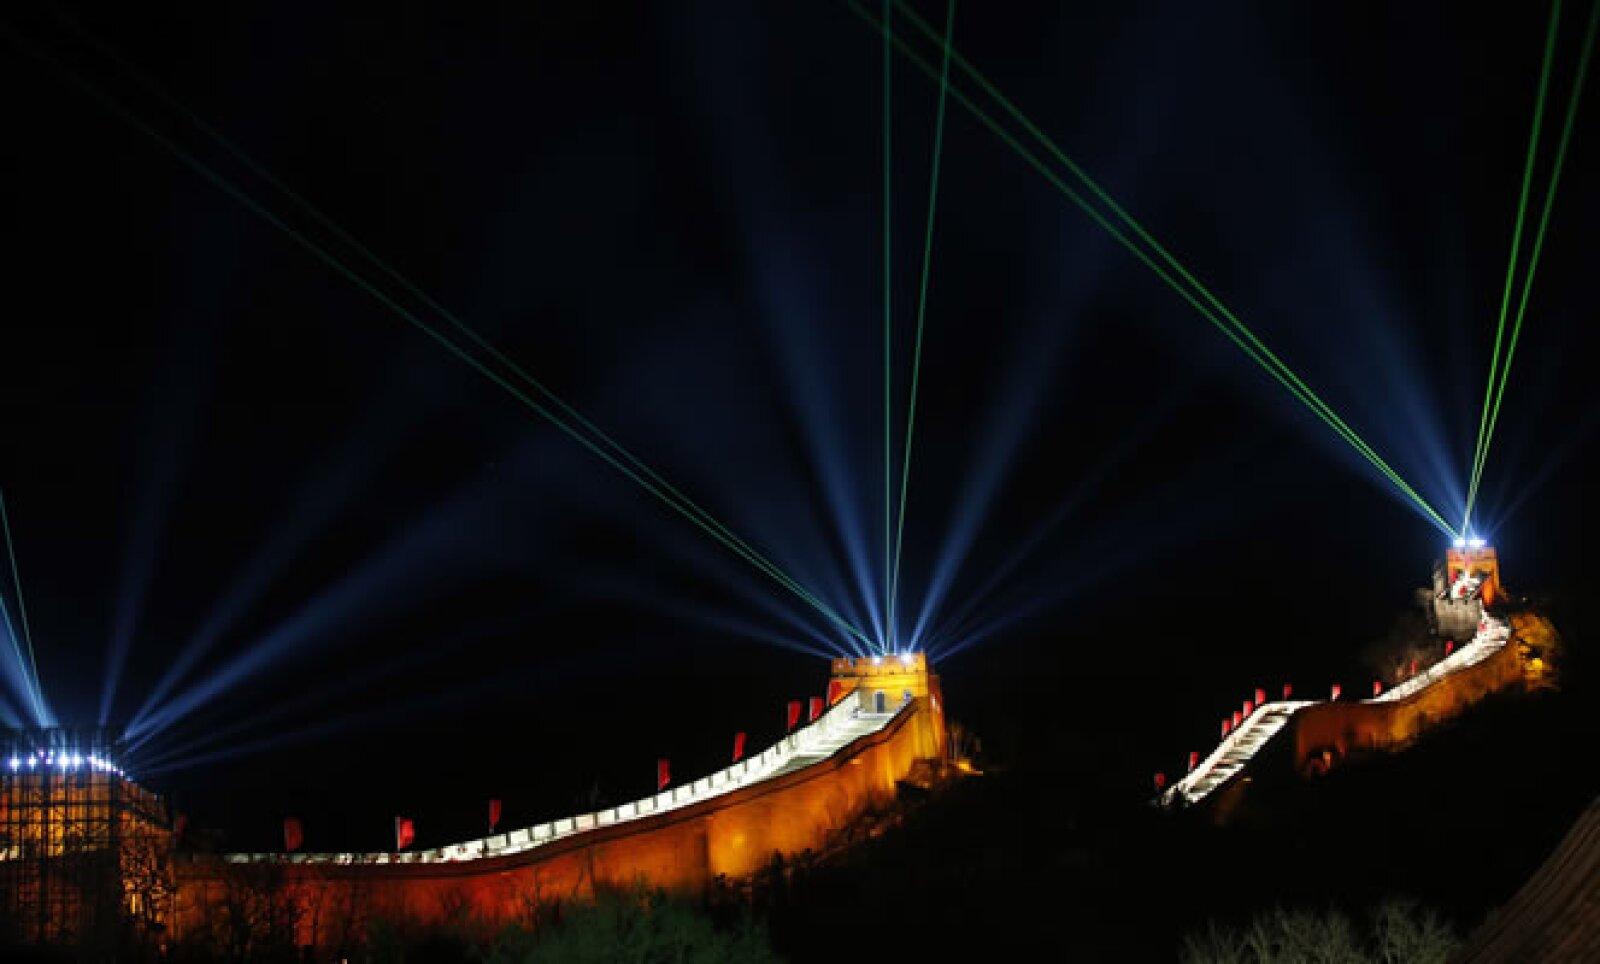 Juegos de luces iluminaron la sección de Badaling de la Gran Muralla China, la parte más visitada de la fortificación.